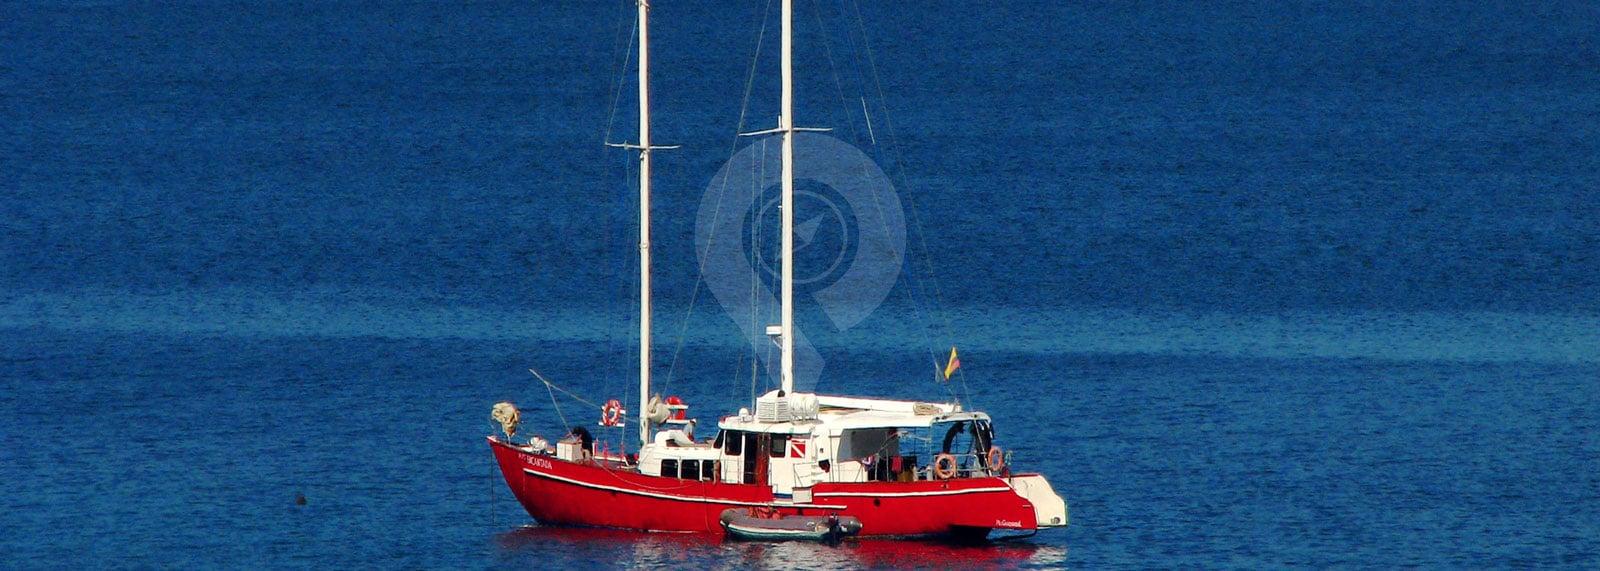 Encantada Galapagos Sailor